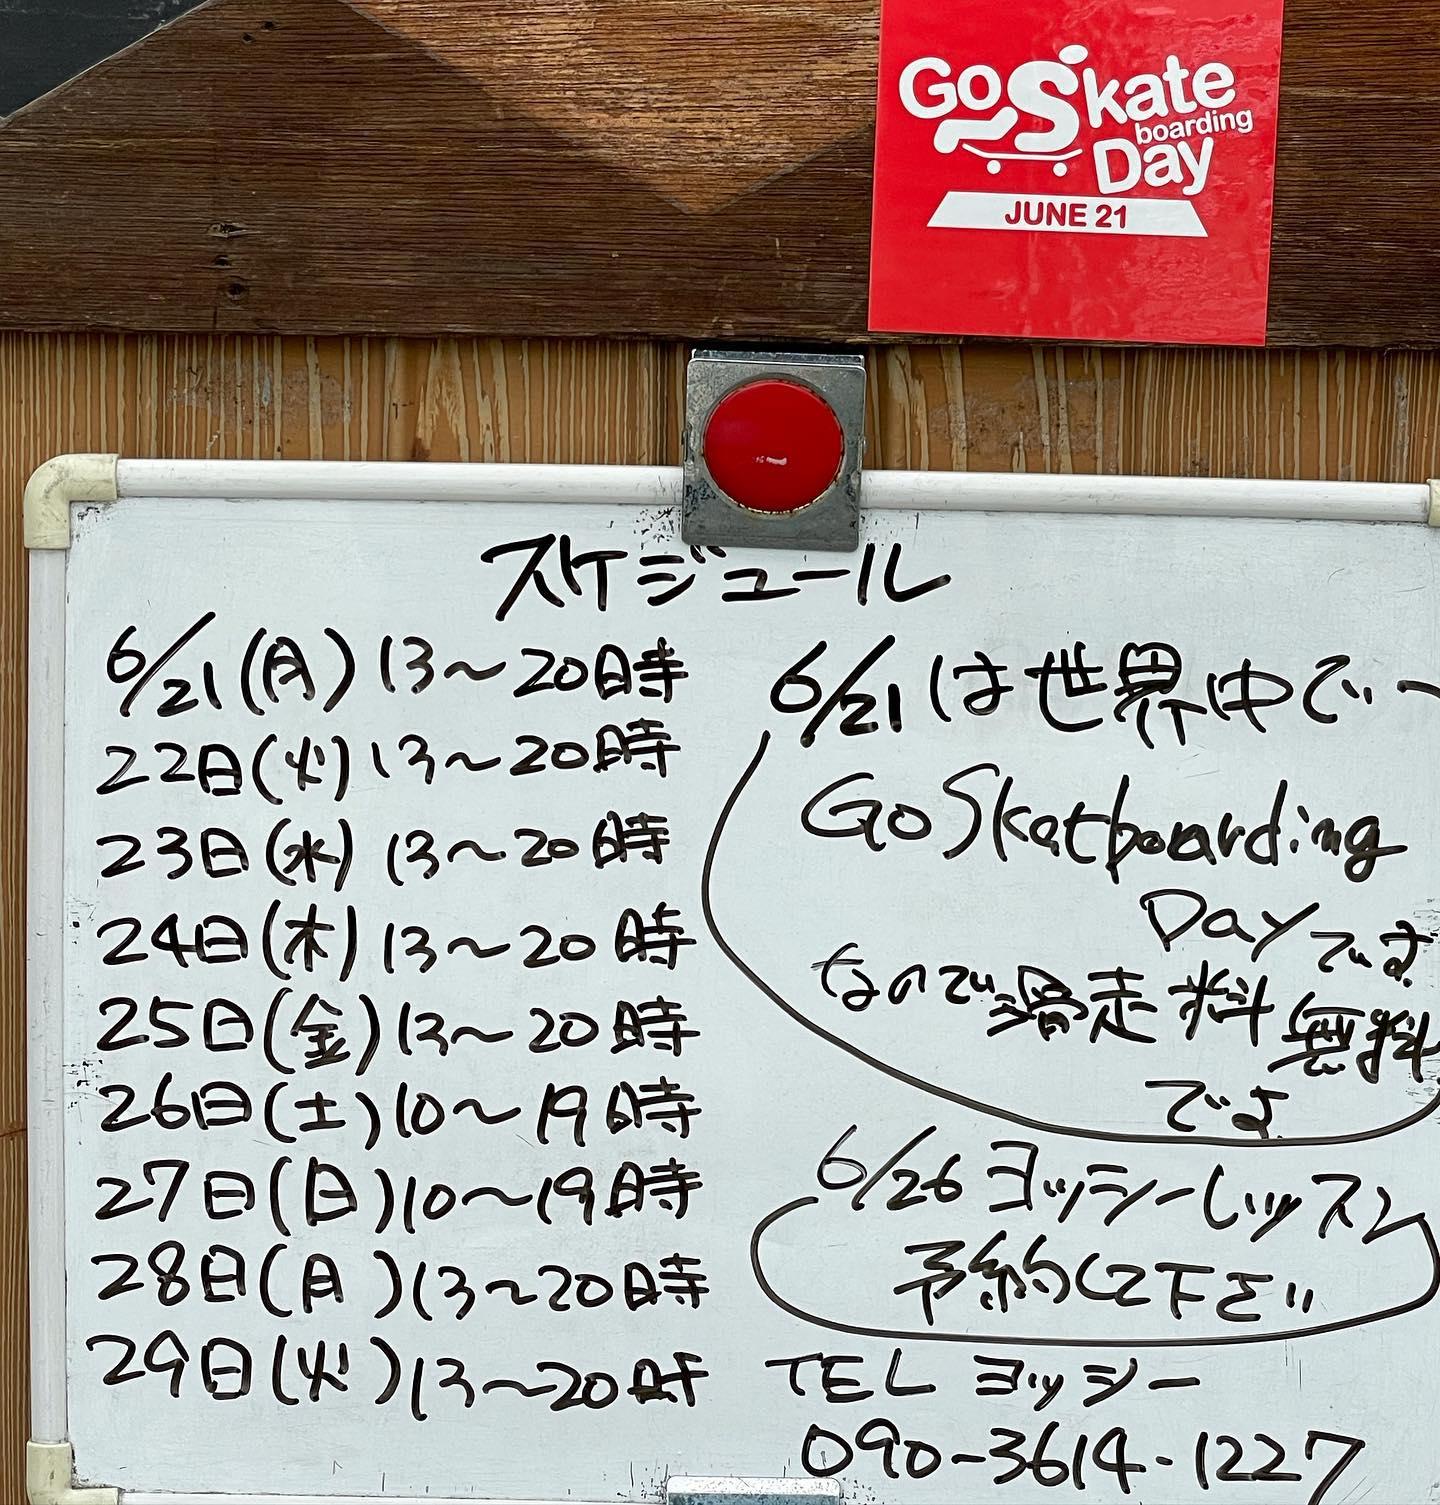 明日6/21は世界共通Go Skateboarding Dayパーク利用料はサービスします。みんなでスケートボードに乗りましょう^_^ステッカーも受付に置いてますので、1枚ずつプレゼントします^_^